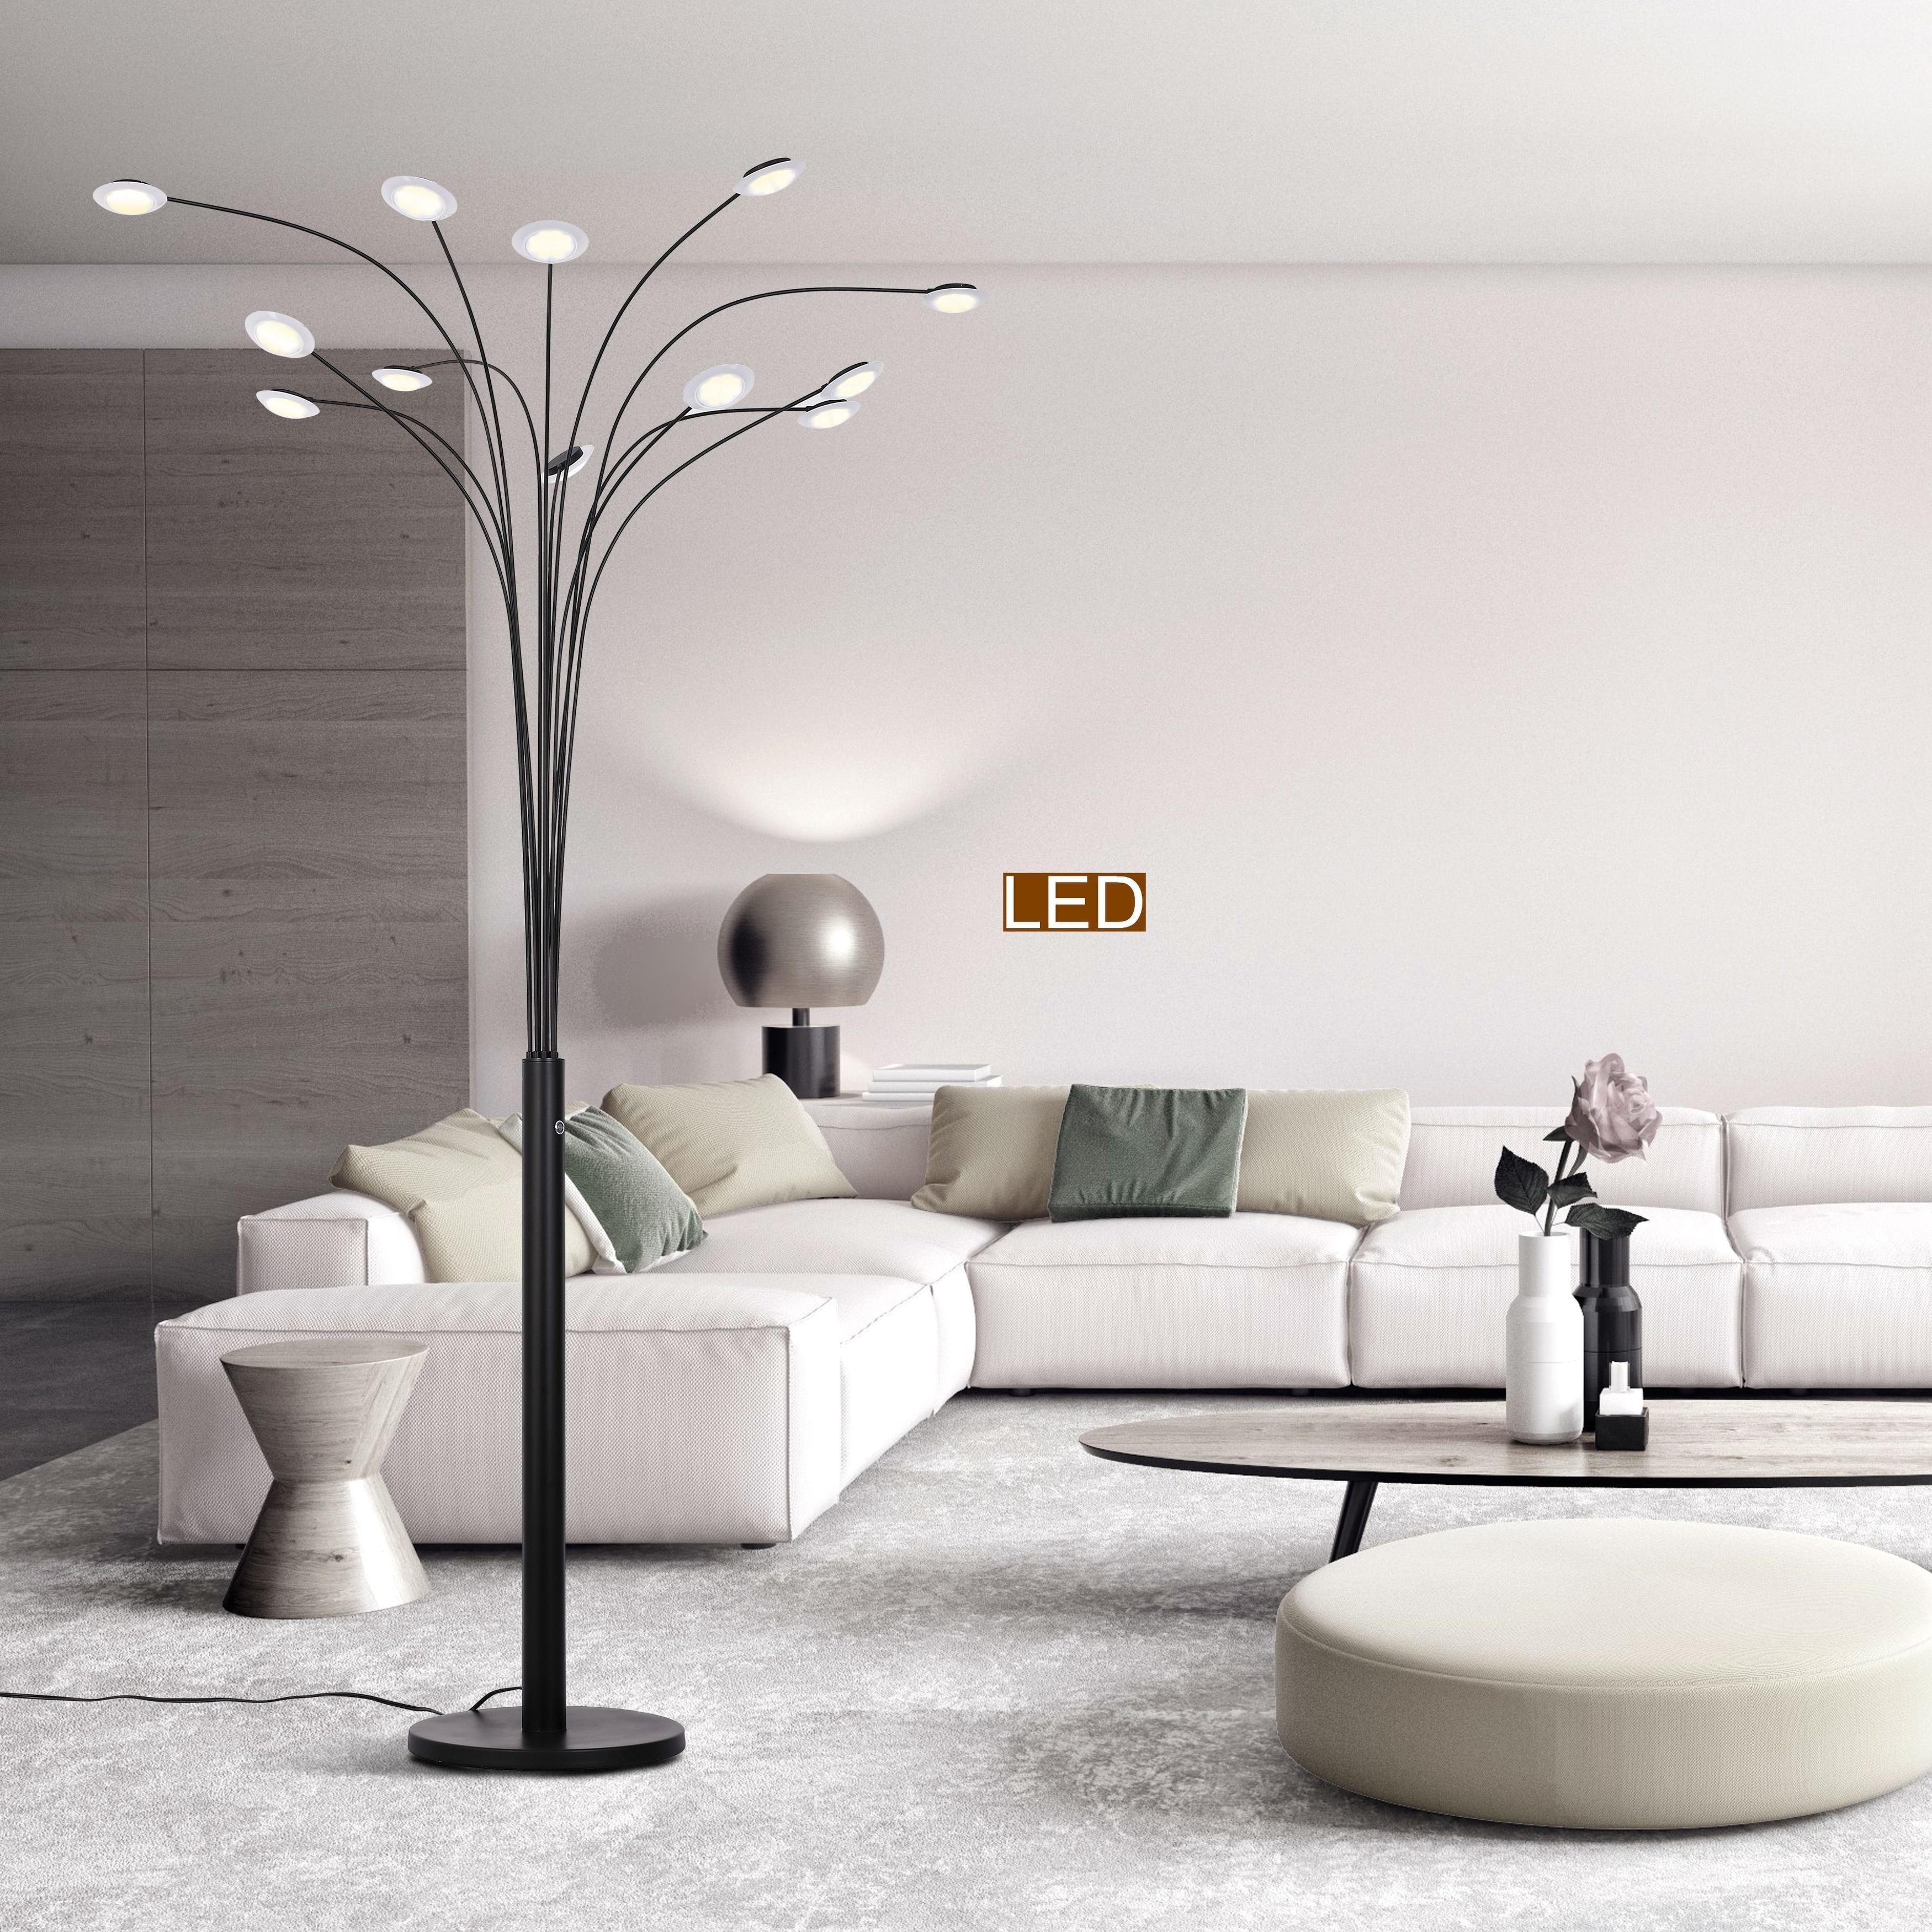 Artiva Quan Money Tree 12 Light 48w 84 Led Floor Lamp With Dimmer